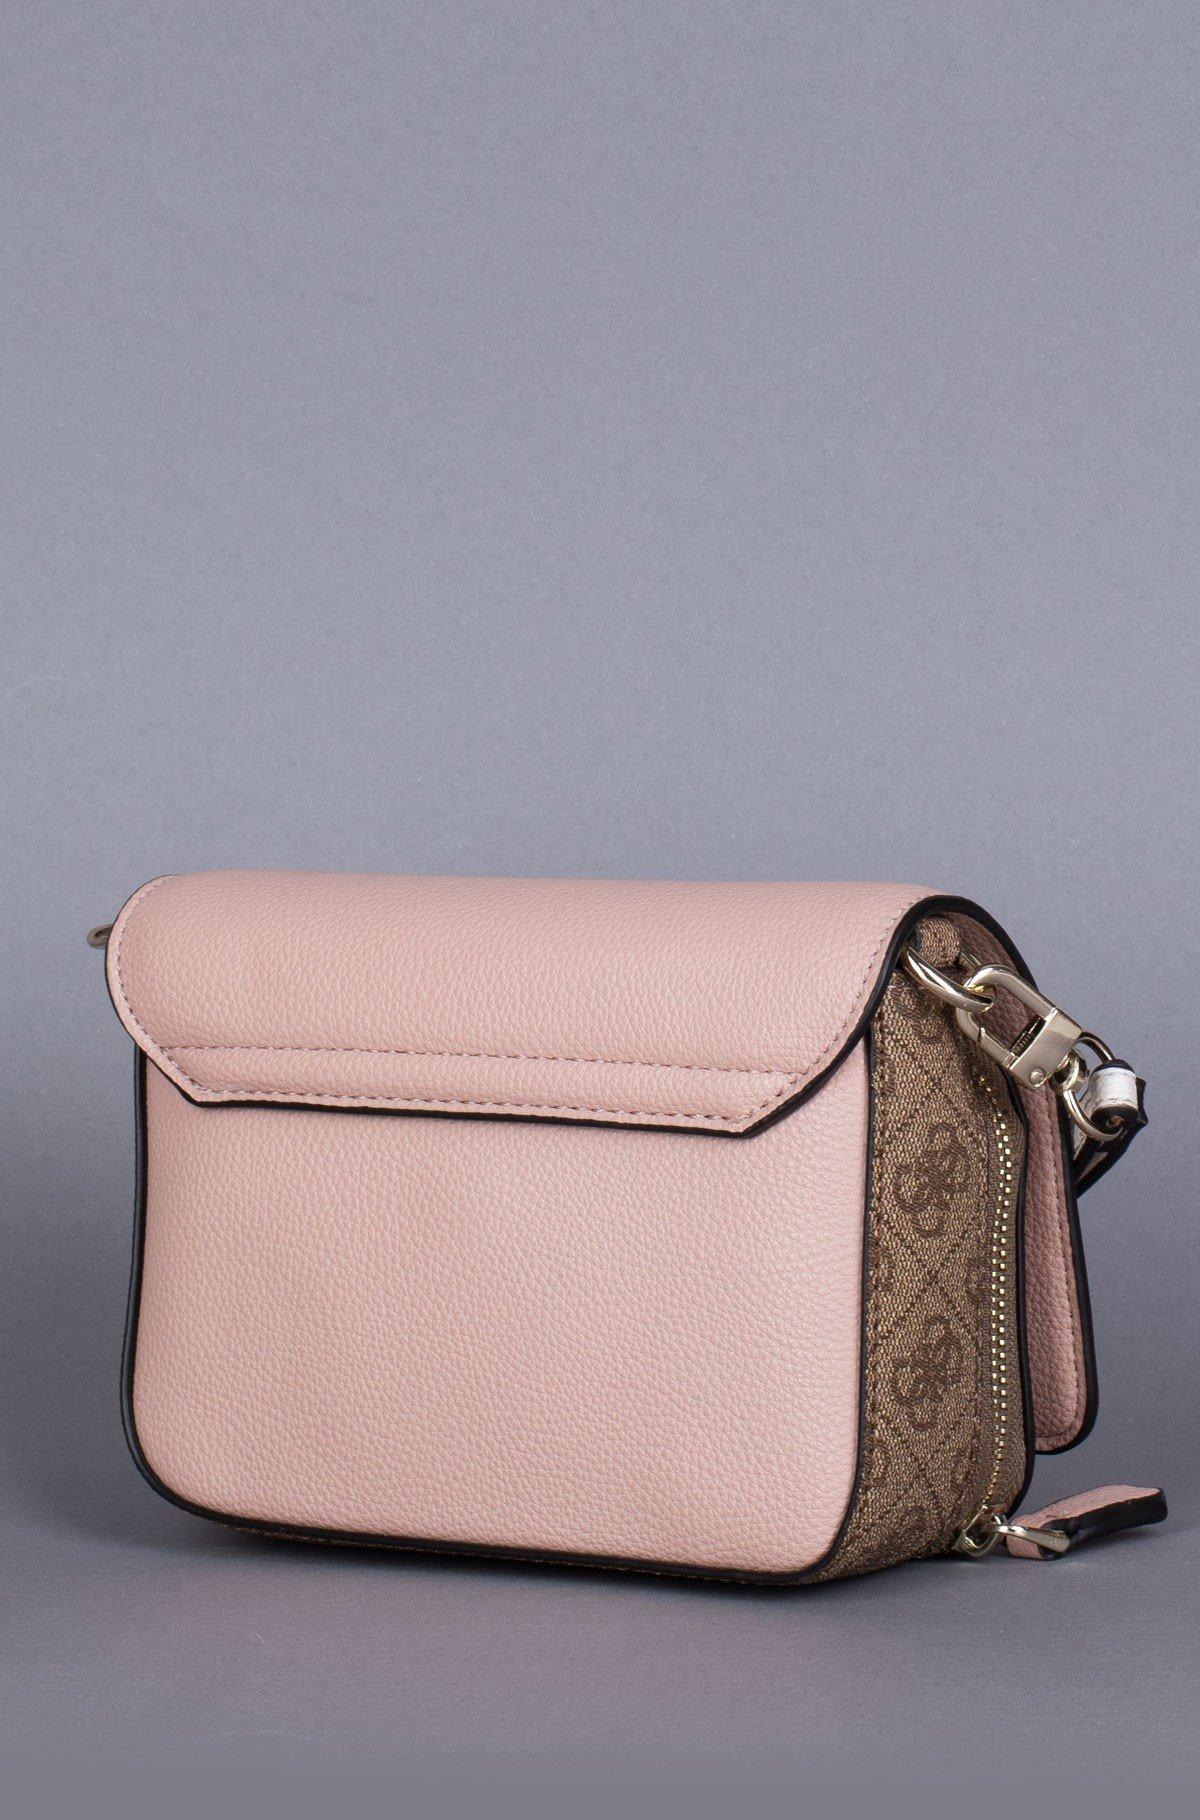 Shoulder bag HWSG75 83780-full-2